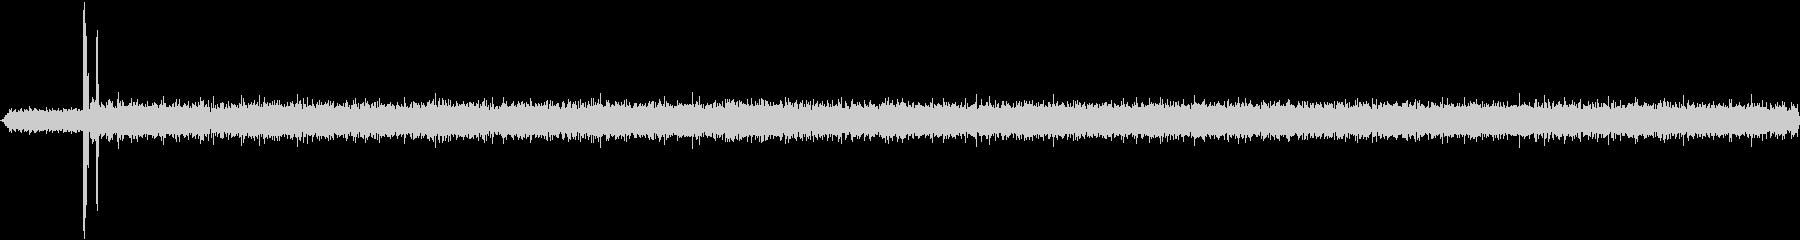 小型ブローチ:プロパンガスヒス、イ...の未再生の波形